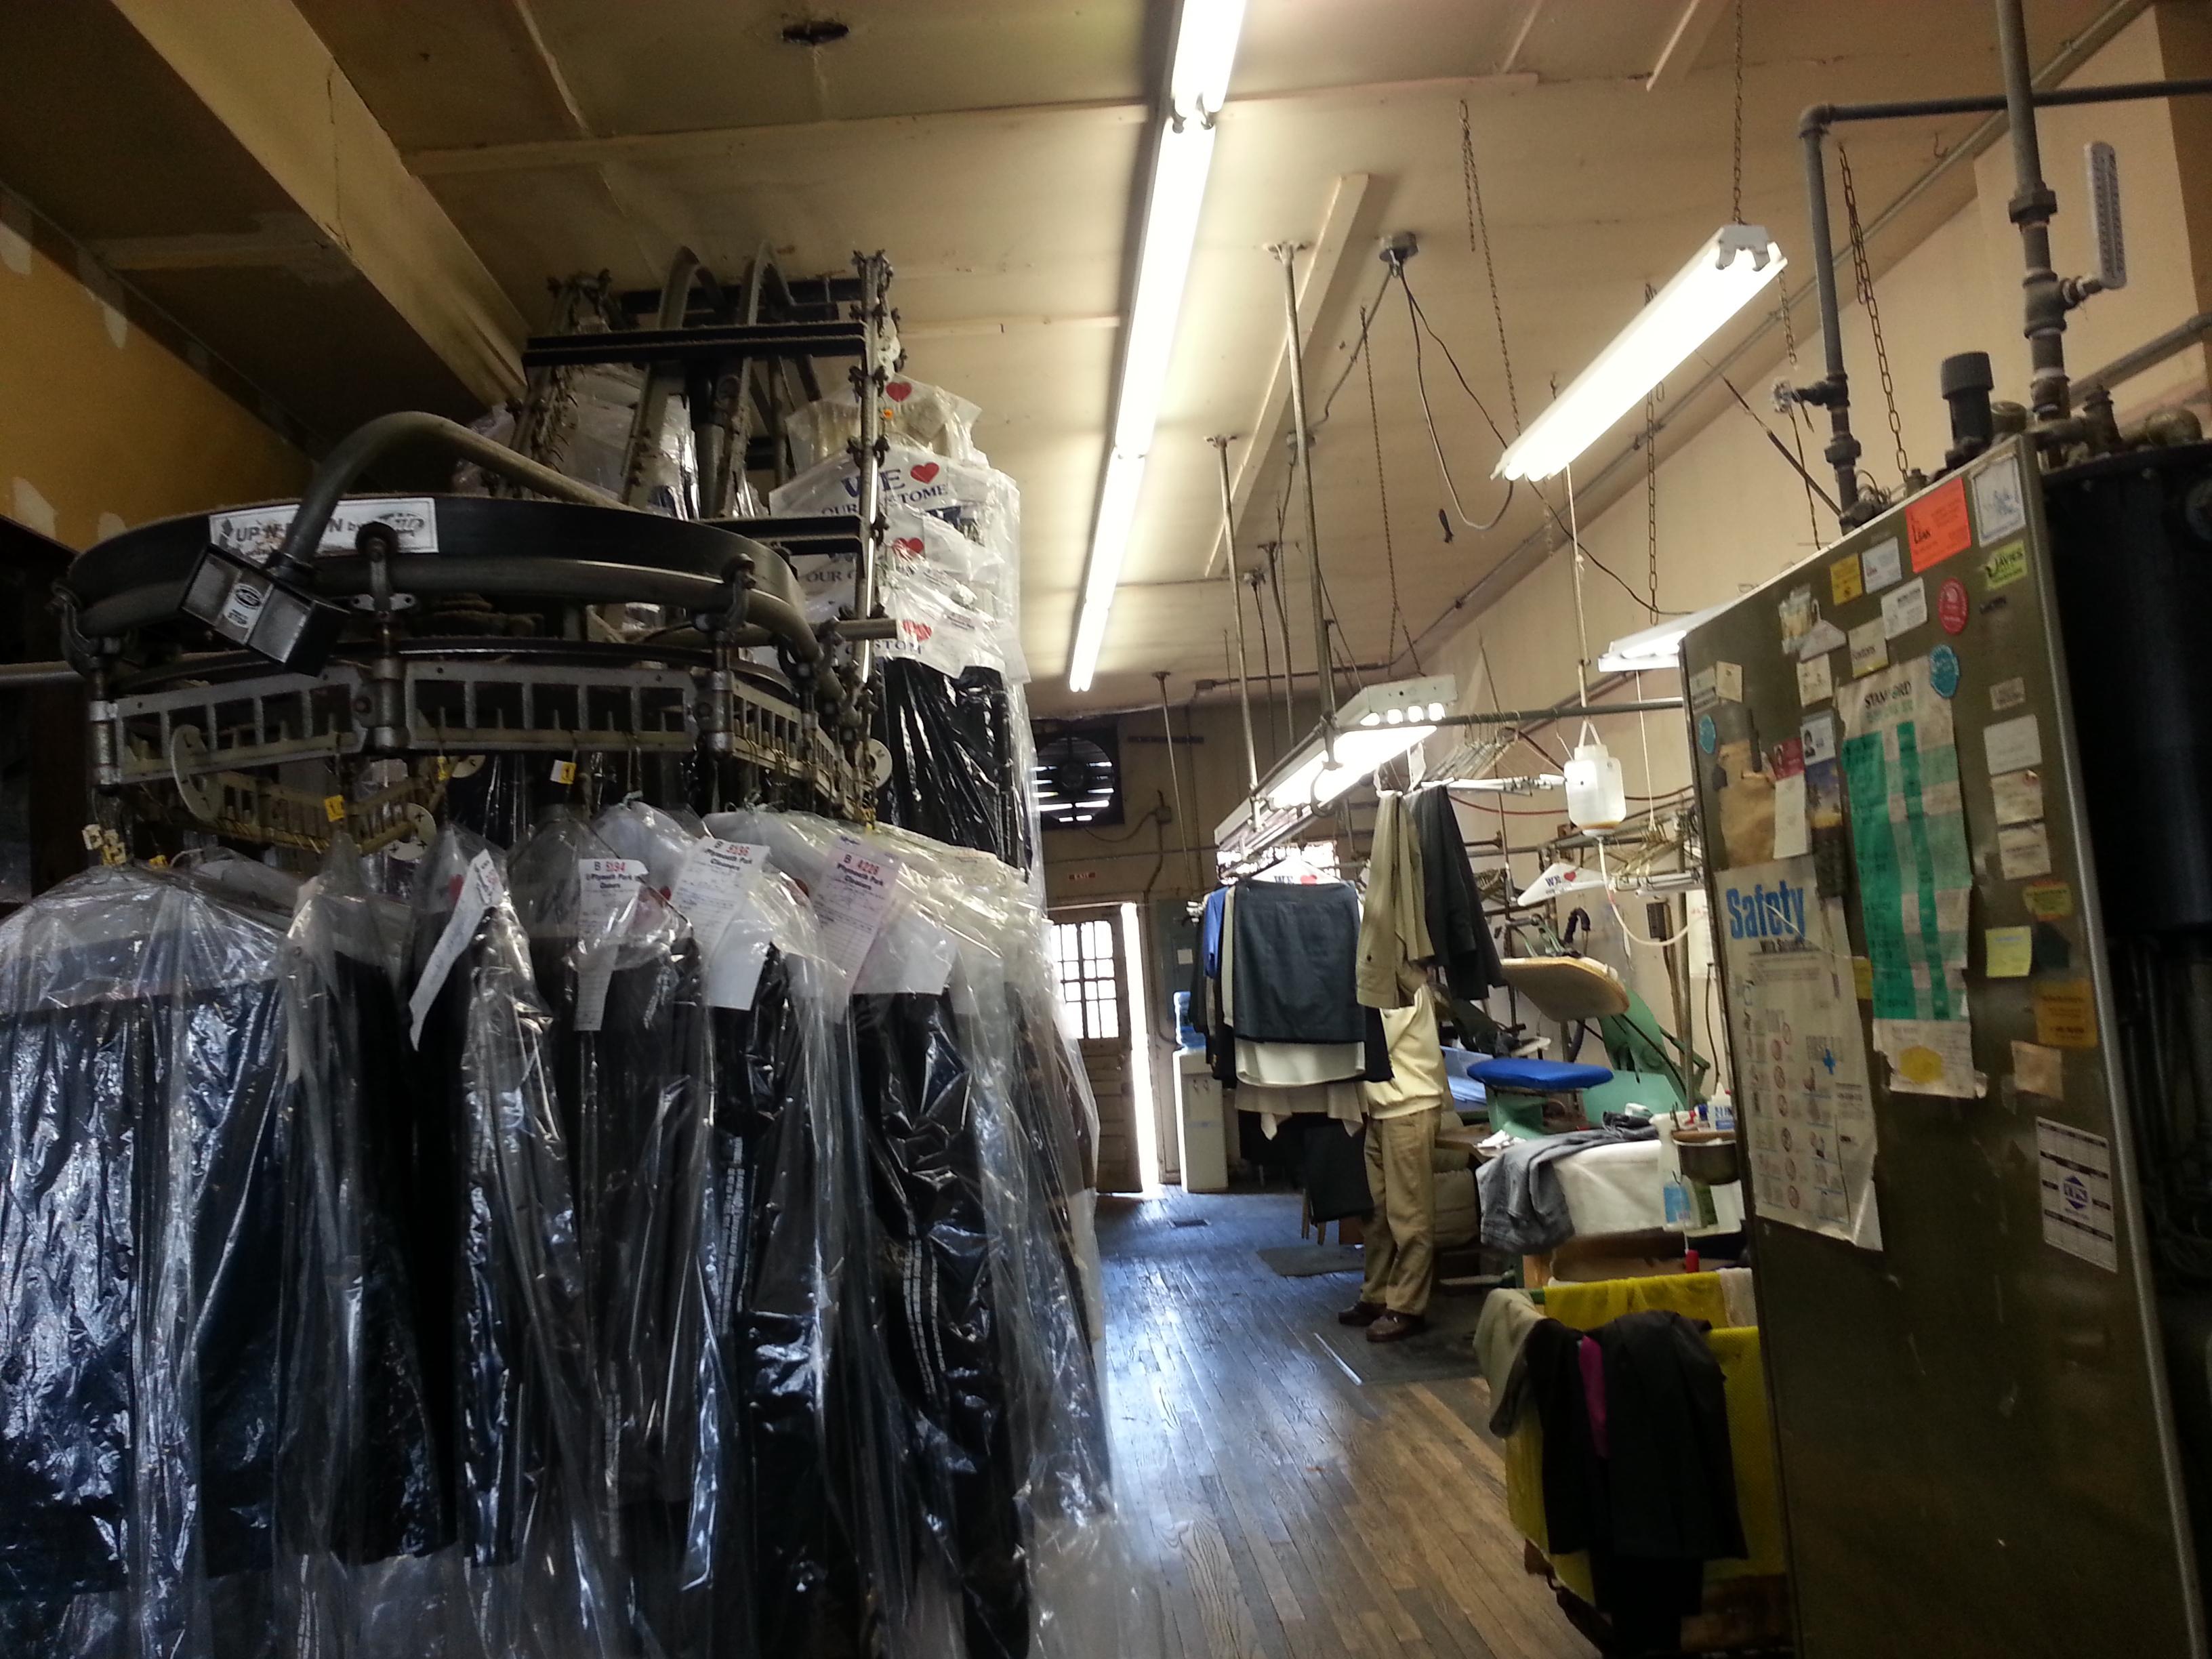 cleaners  曼哈顿干洗店 (年营业额为61万,业主想退休而转让)